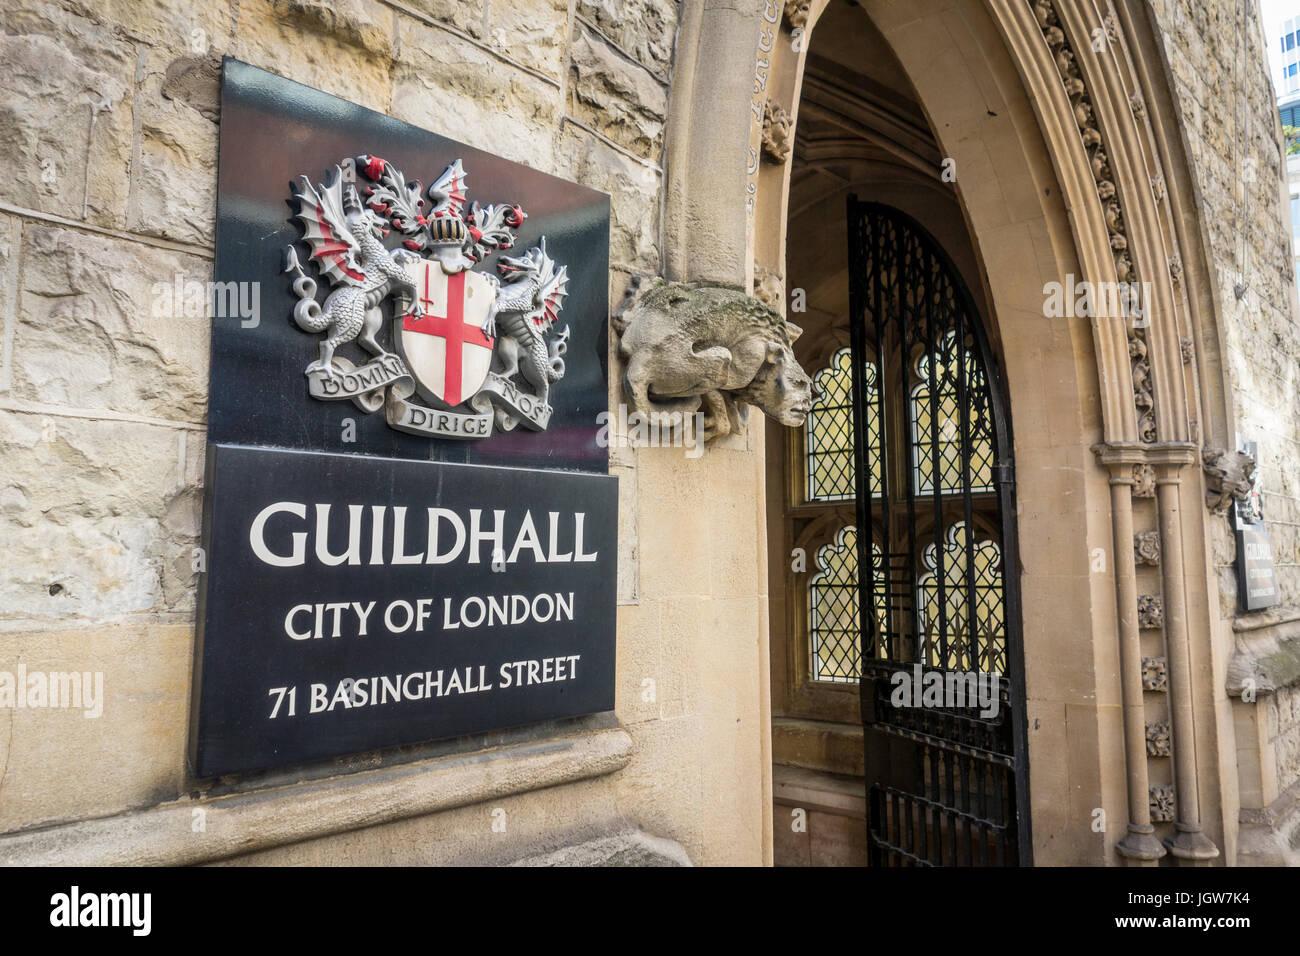 Eingang und Zeichen für die Guildhall, Basinghall Street, City of London, UK Stockbild